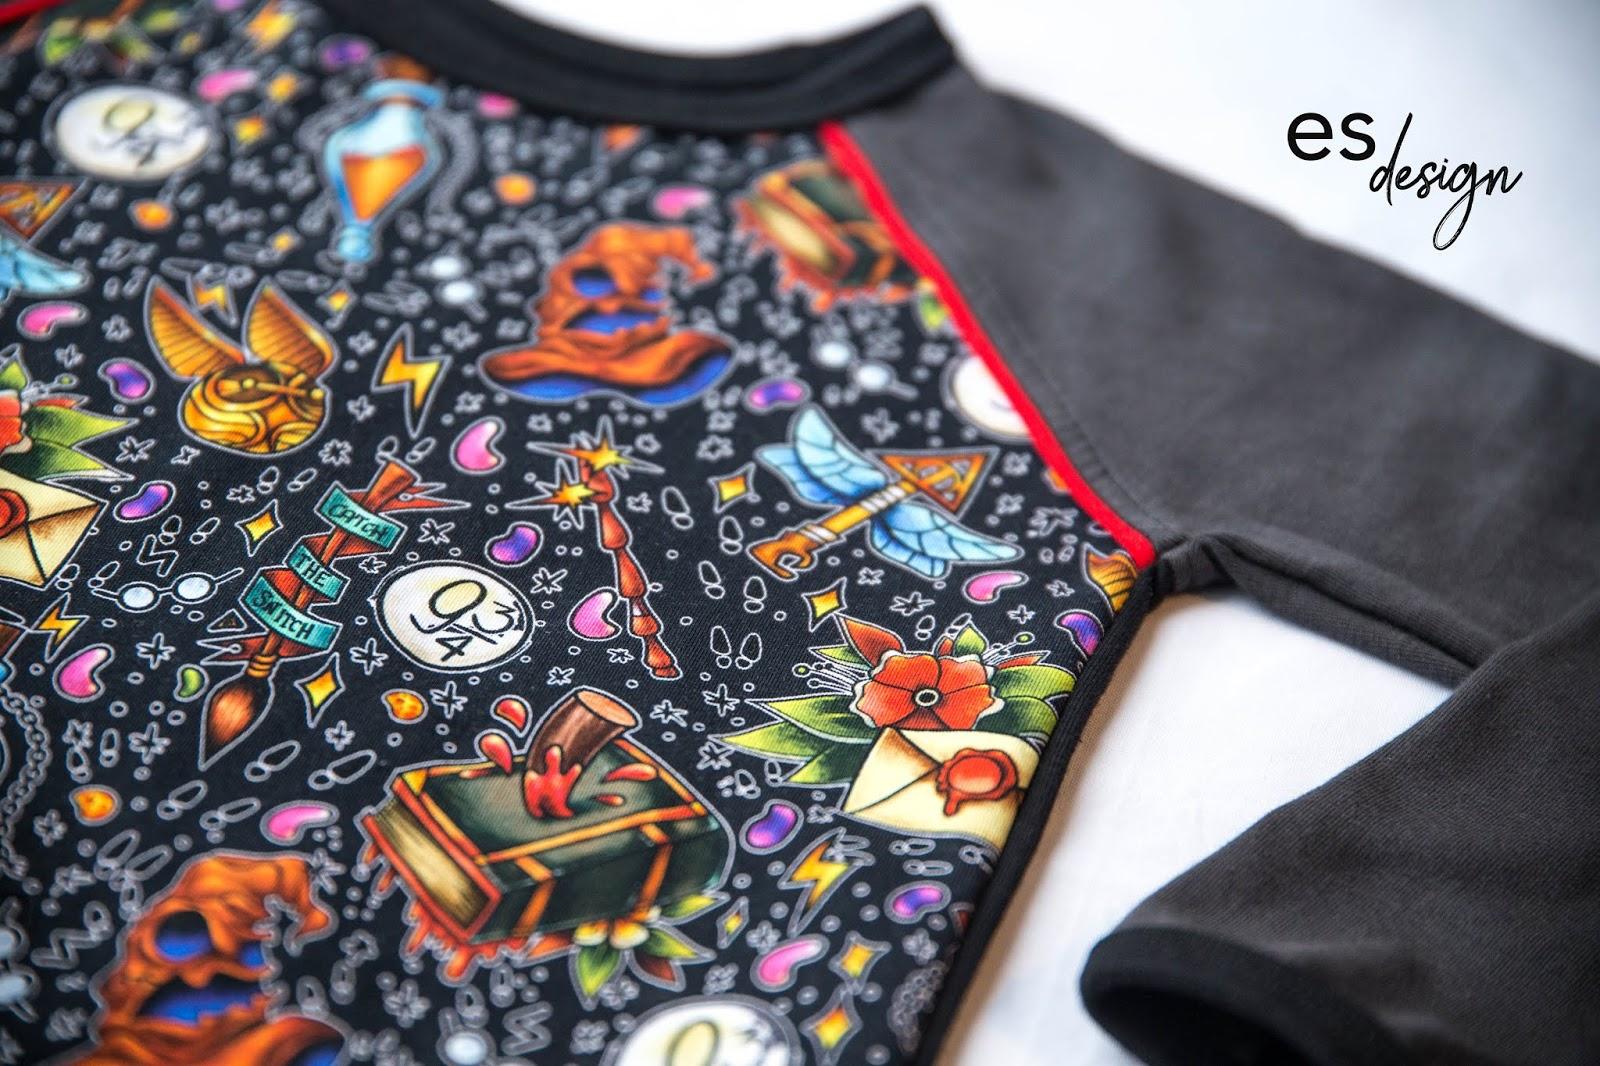 e4c24194 ... jo sy litt praktiske og fine klær til barn også. Og jeg gjorde et dykk  i stofflagerets skatter og sydde noen skjorter av favorittstoffene mine i  jersey.